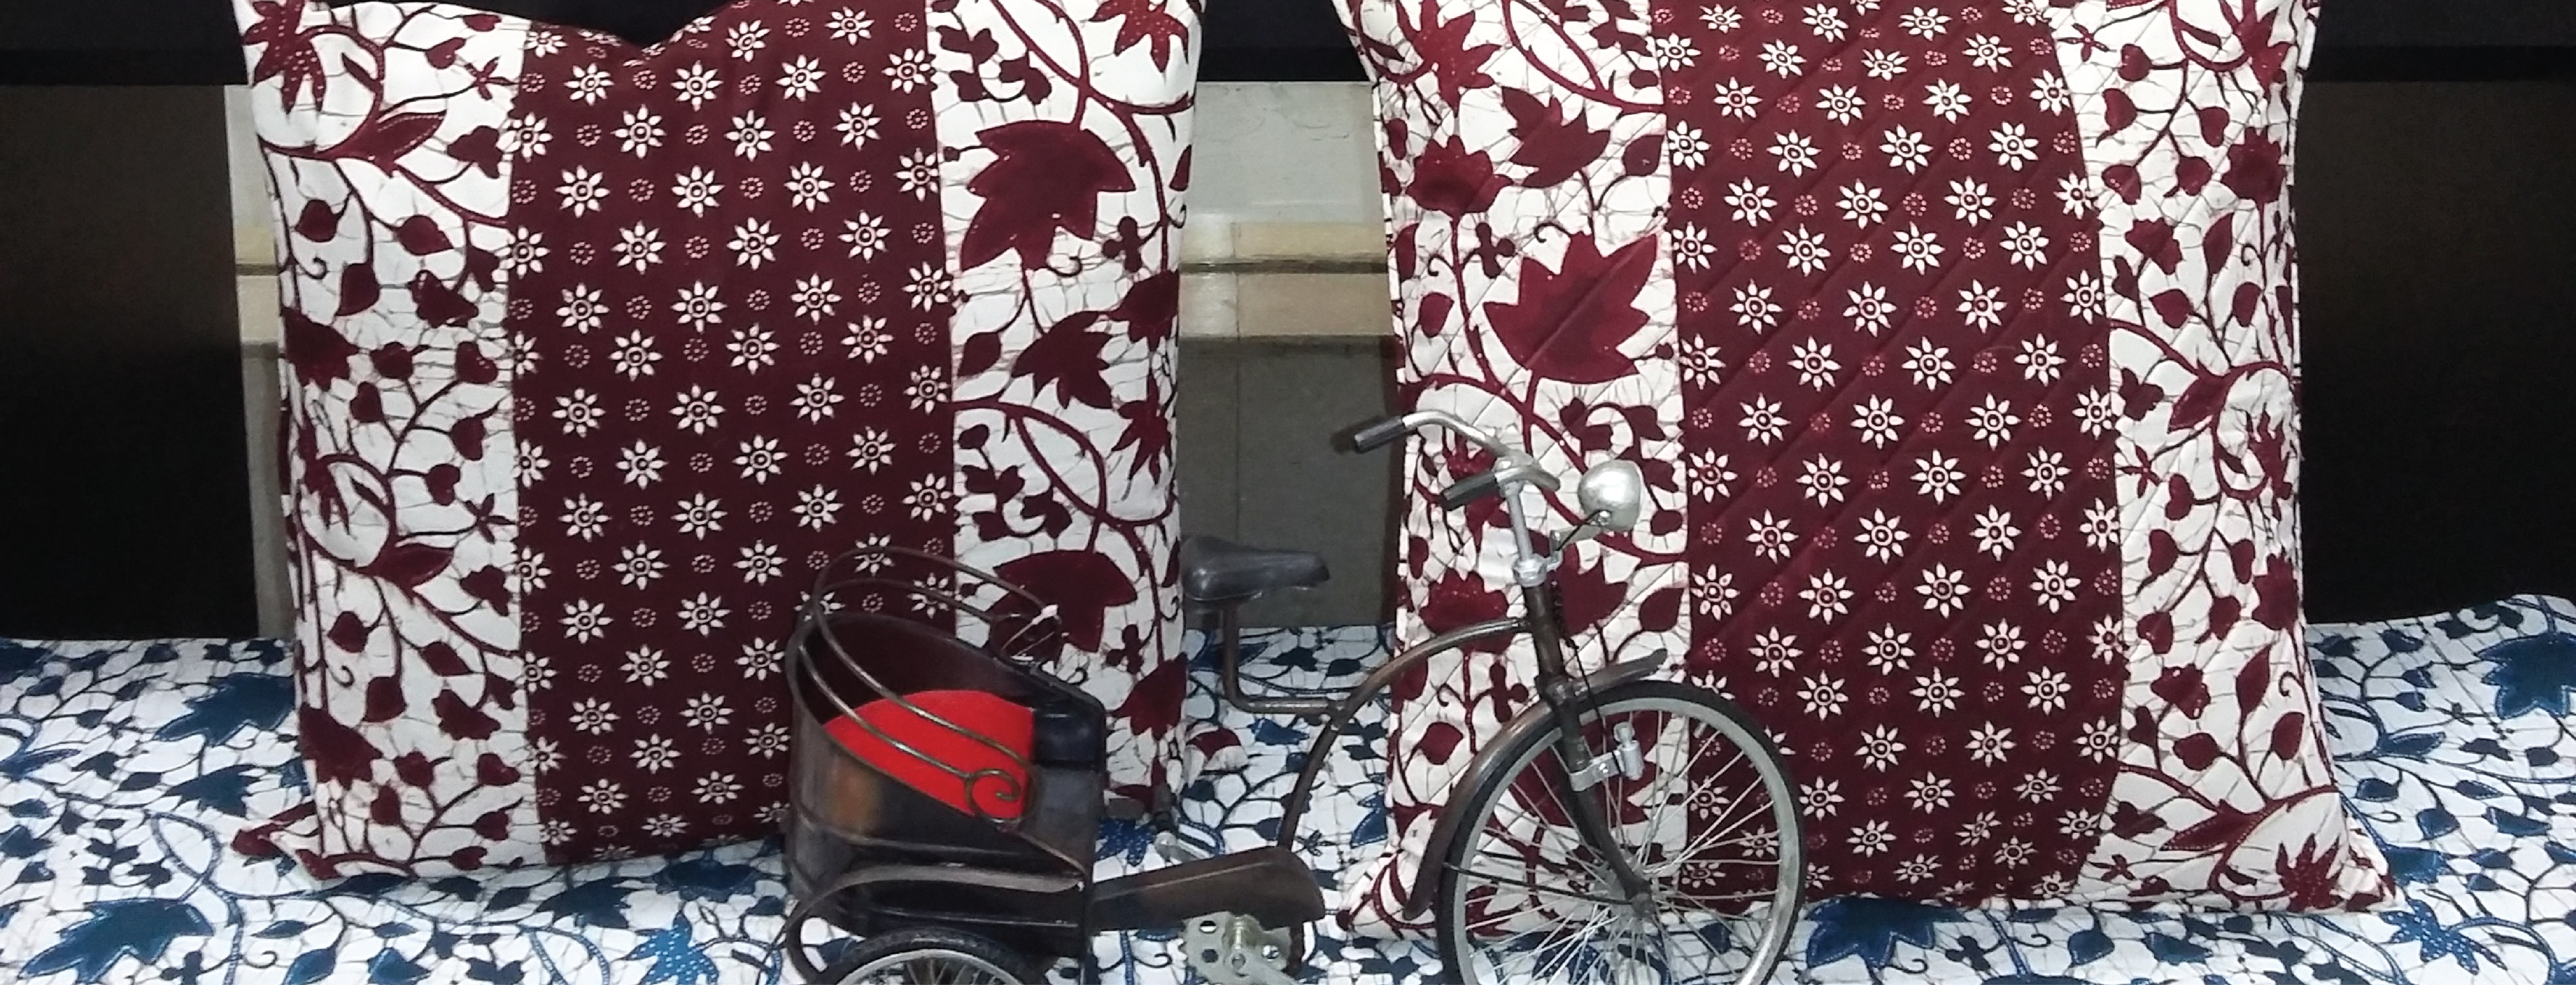 5 Fakta Keunikan Batik Nusantara